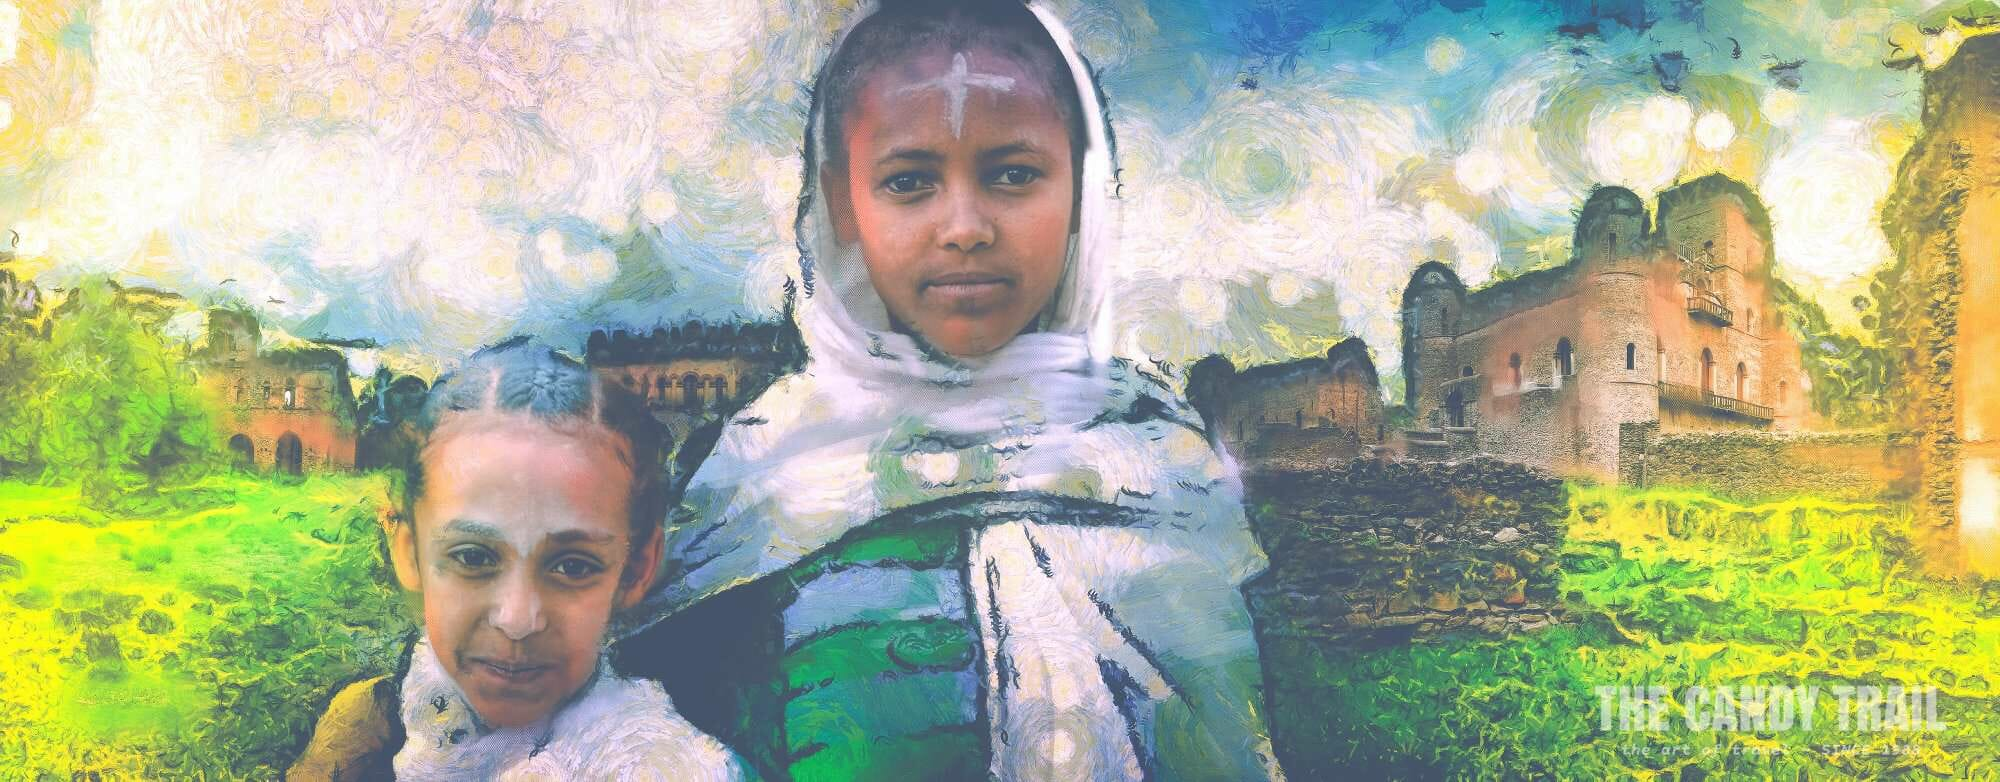 Girls of Gondar - Ethiopia: MRP ART - 2013